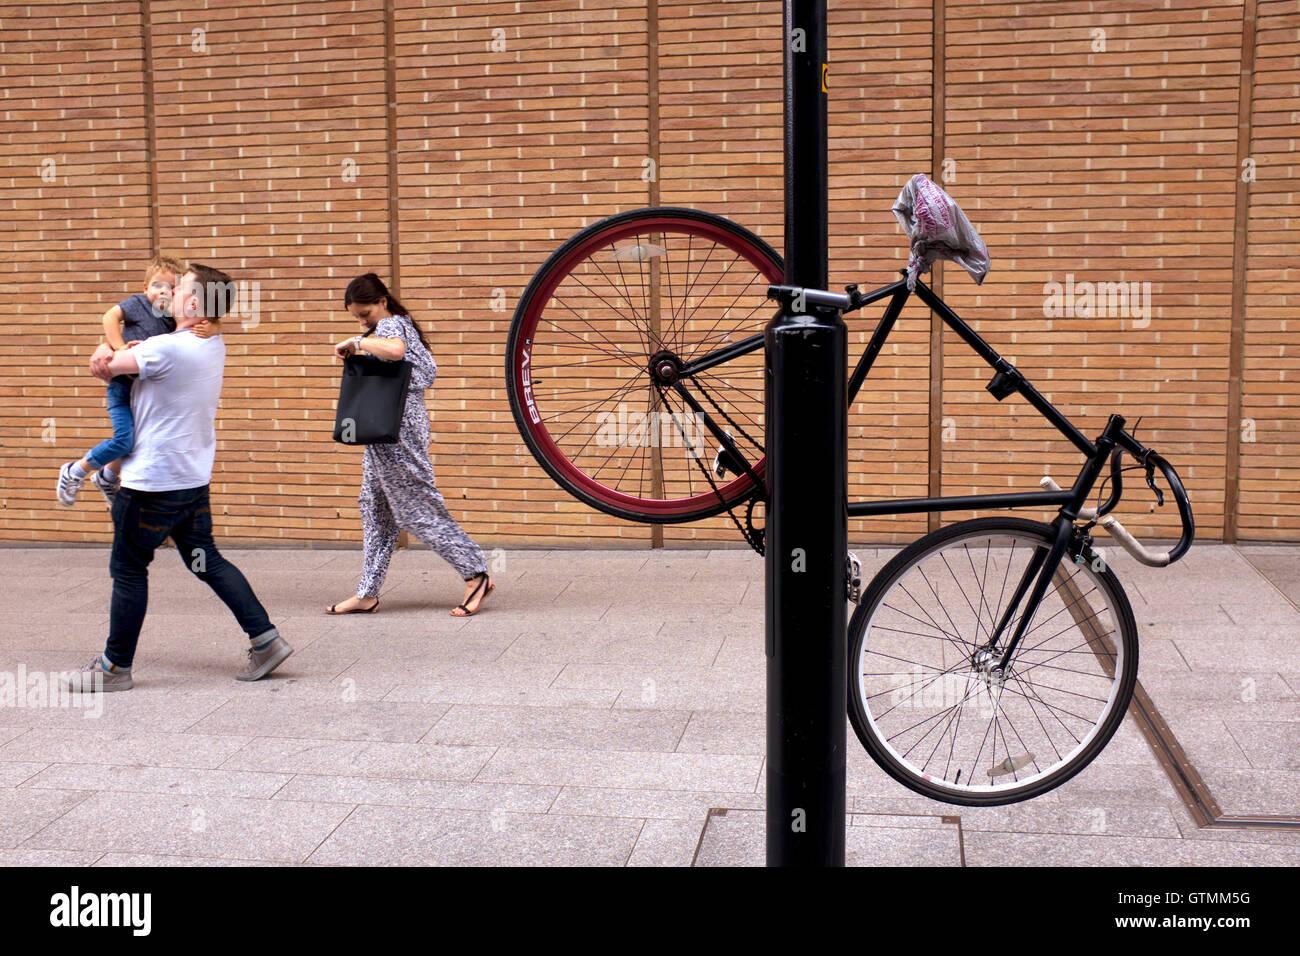 Bike chained to a lamp post, London Bridge, UK, United Kingdom - Stock Image